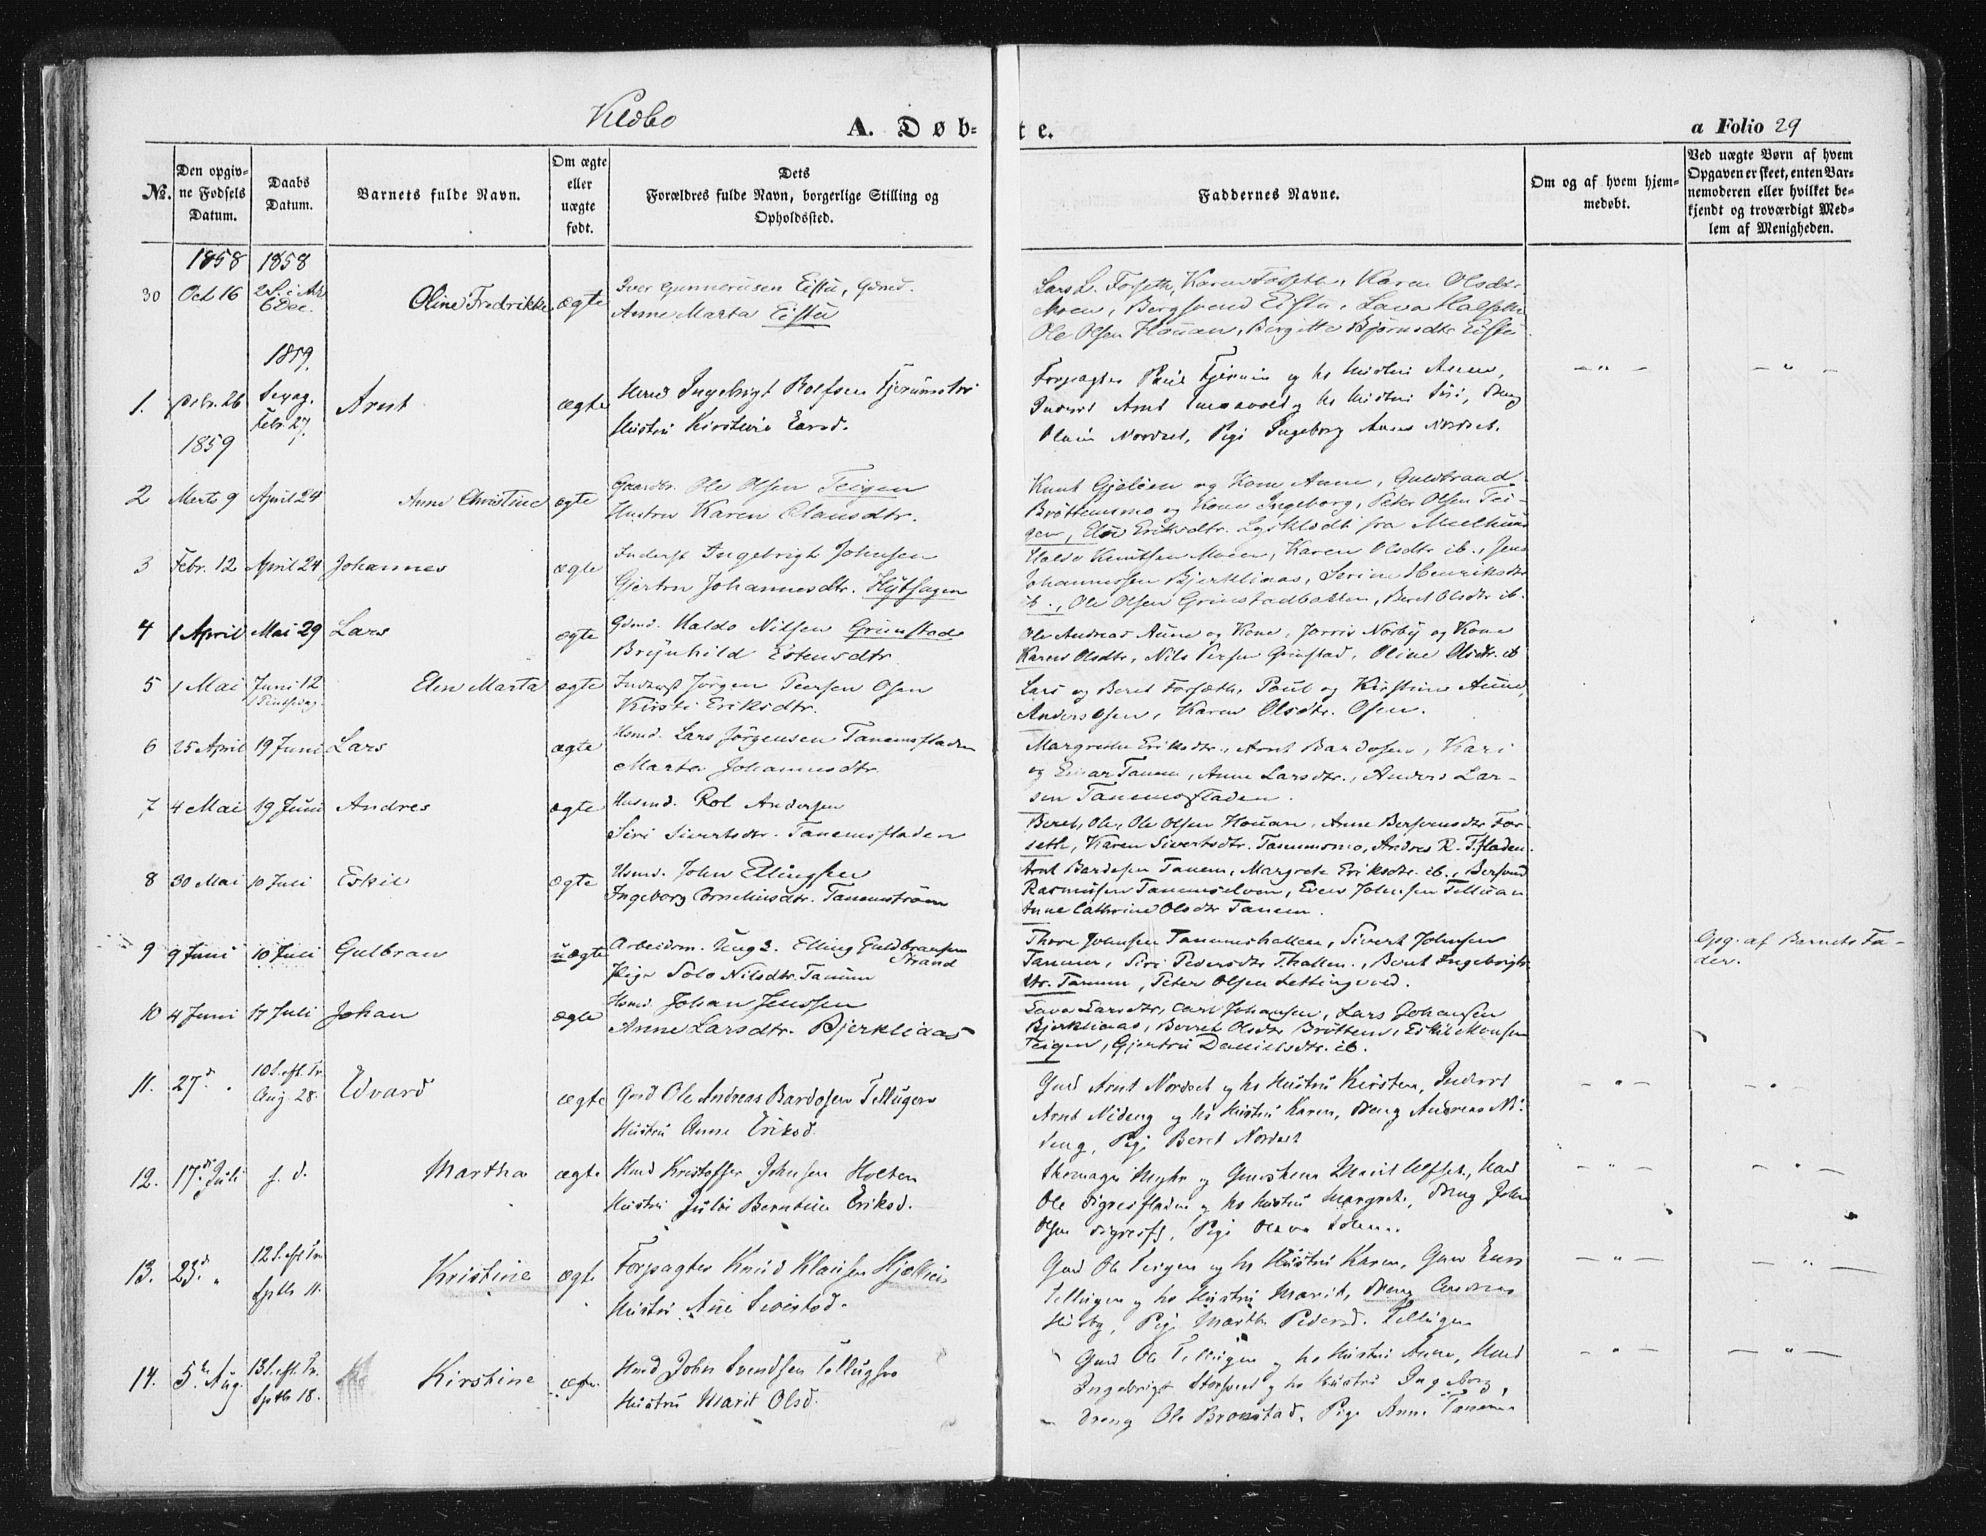 SAT, Ministerialprotokoller, klokkerbøker og fødselsregistre - Sør-Trøndelag, 618/L0441: Ministerialbok nr. 618A05, 1843-1862, s. 29